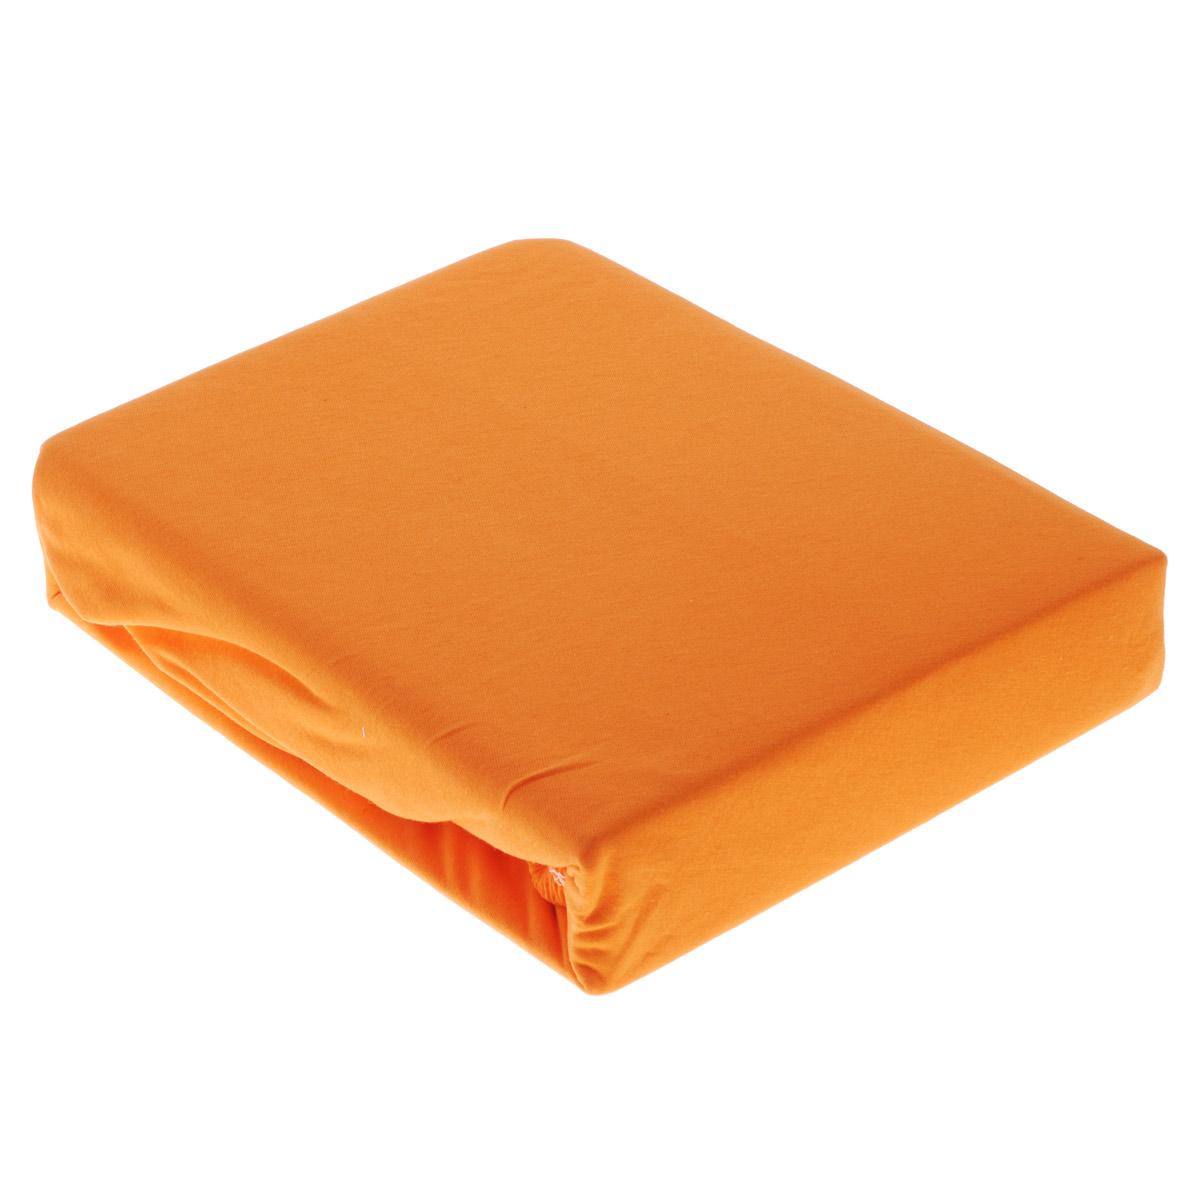 Простыня OL-Tex Джерси, на резинке, цвет: оранжевый, 180 см х 200 см х 20 смПТР-180Простыня OL-Tex Джерси изготовлена из гладкокрашеного трикотажного полотна (100% хлопок), не имеет швов. По всему периметру простыня снабжена резинкой. Изделие легко одевается на матрасы высотой до 20 см. Идеально подходит в качестве наматрасника. Рекомендации по уходу: - Ручная и машинная стирка при температуре 30°С. - Гладить при средней температуре до 150°С. - Не отбеливать. - Можно сушить и отжимать в стиральной машине. - Химчистка запрещена.